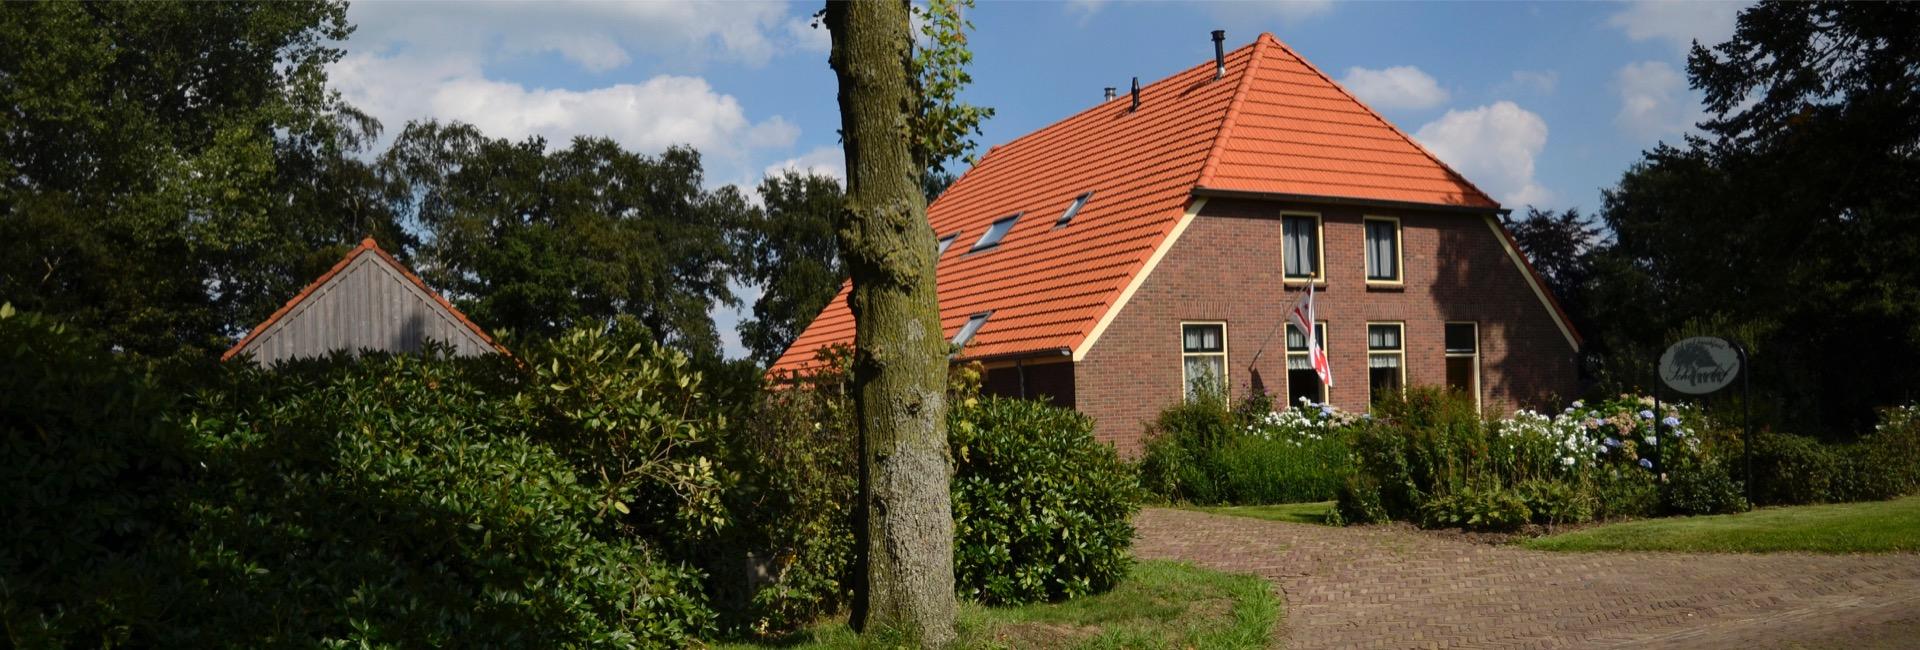 Schoonehof